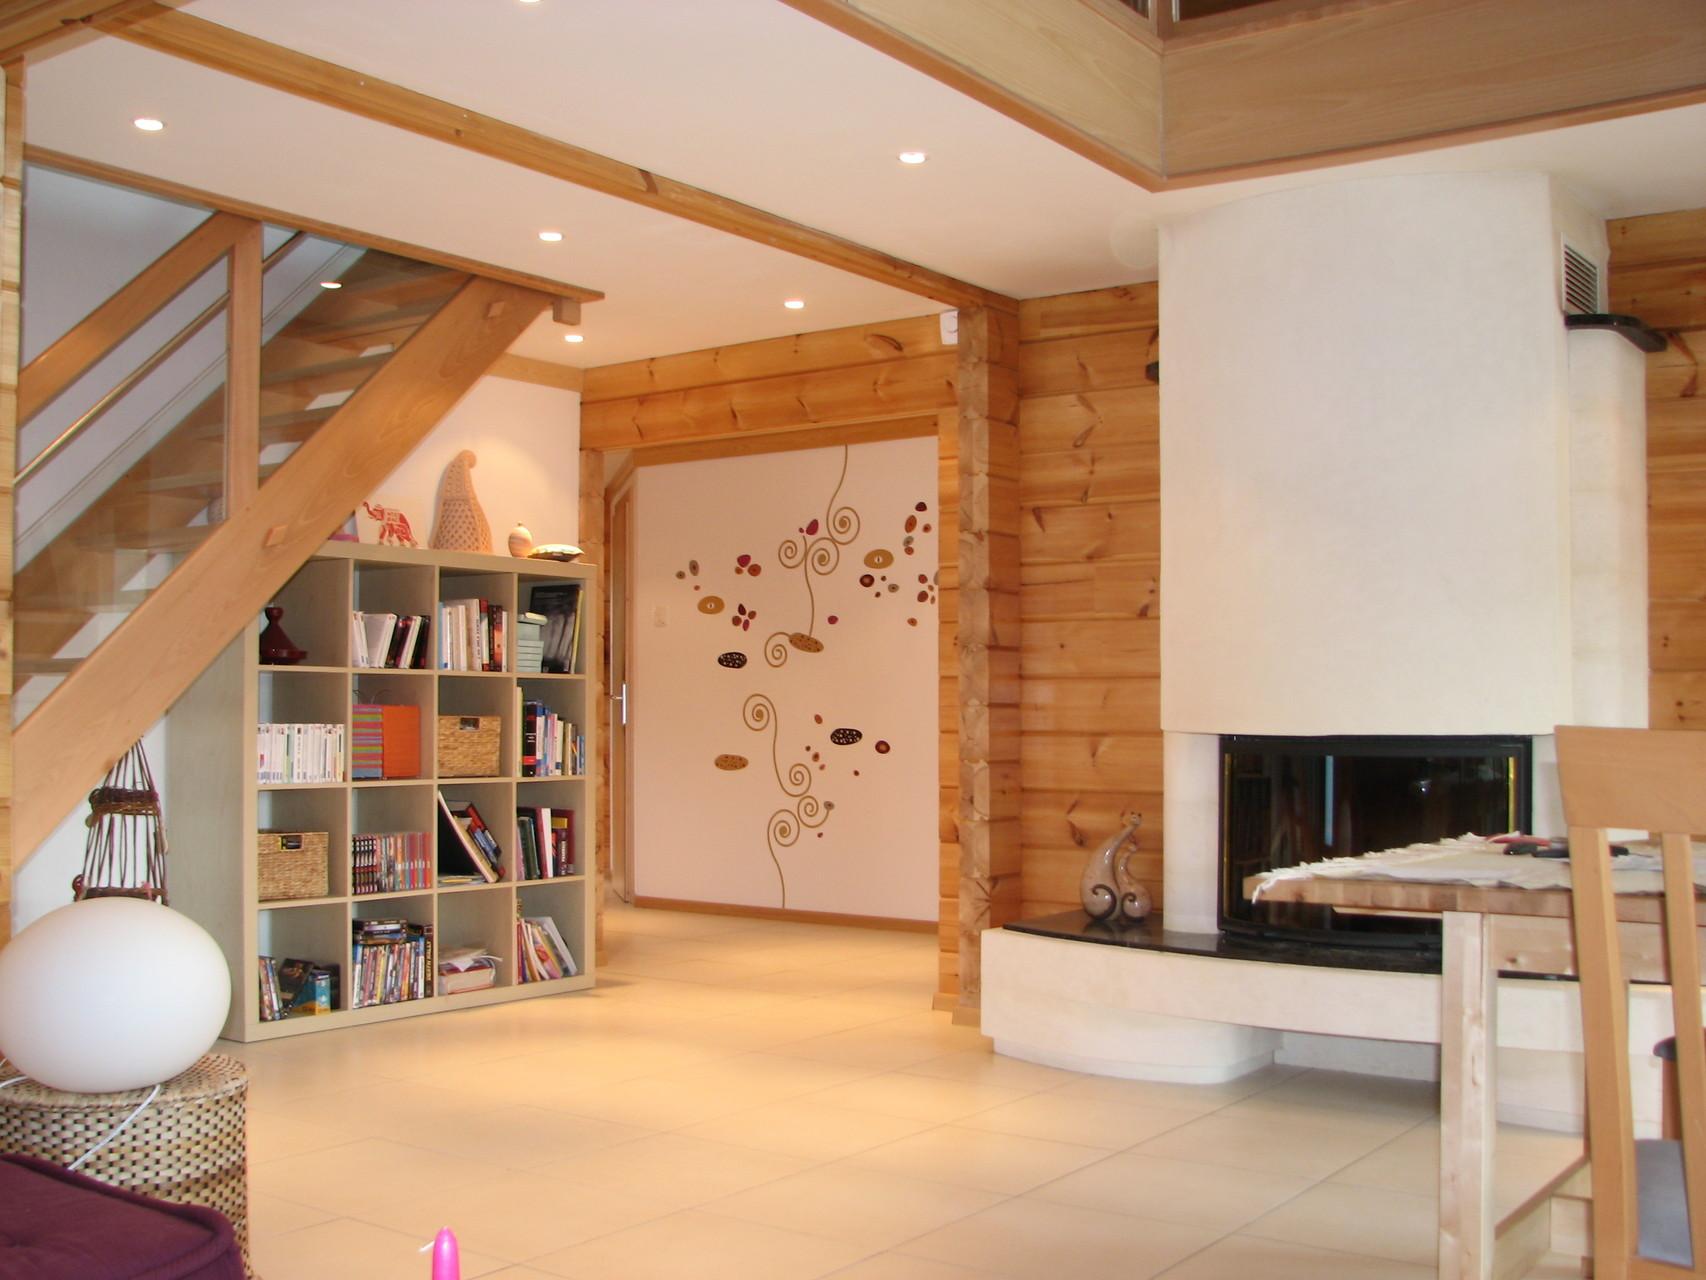 Amenagement interieur maison ossature bois - Amenagement interieur maison ...